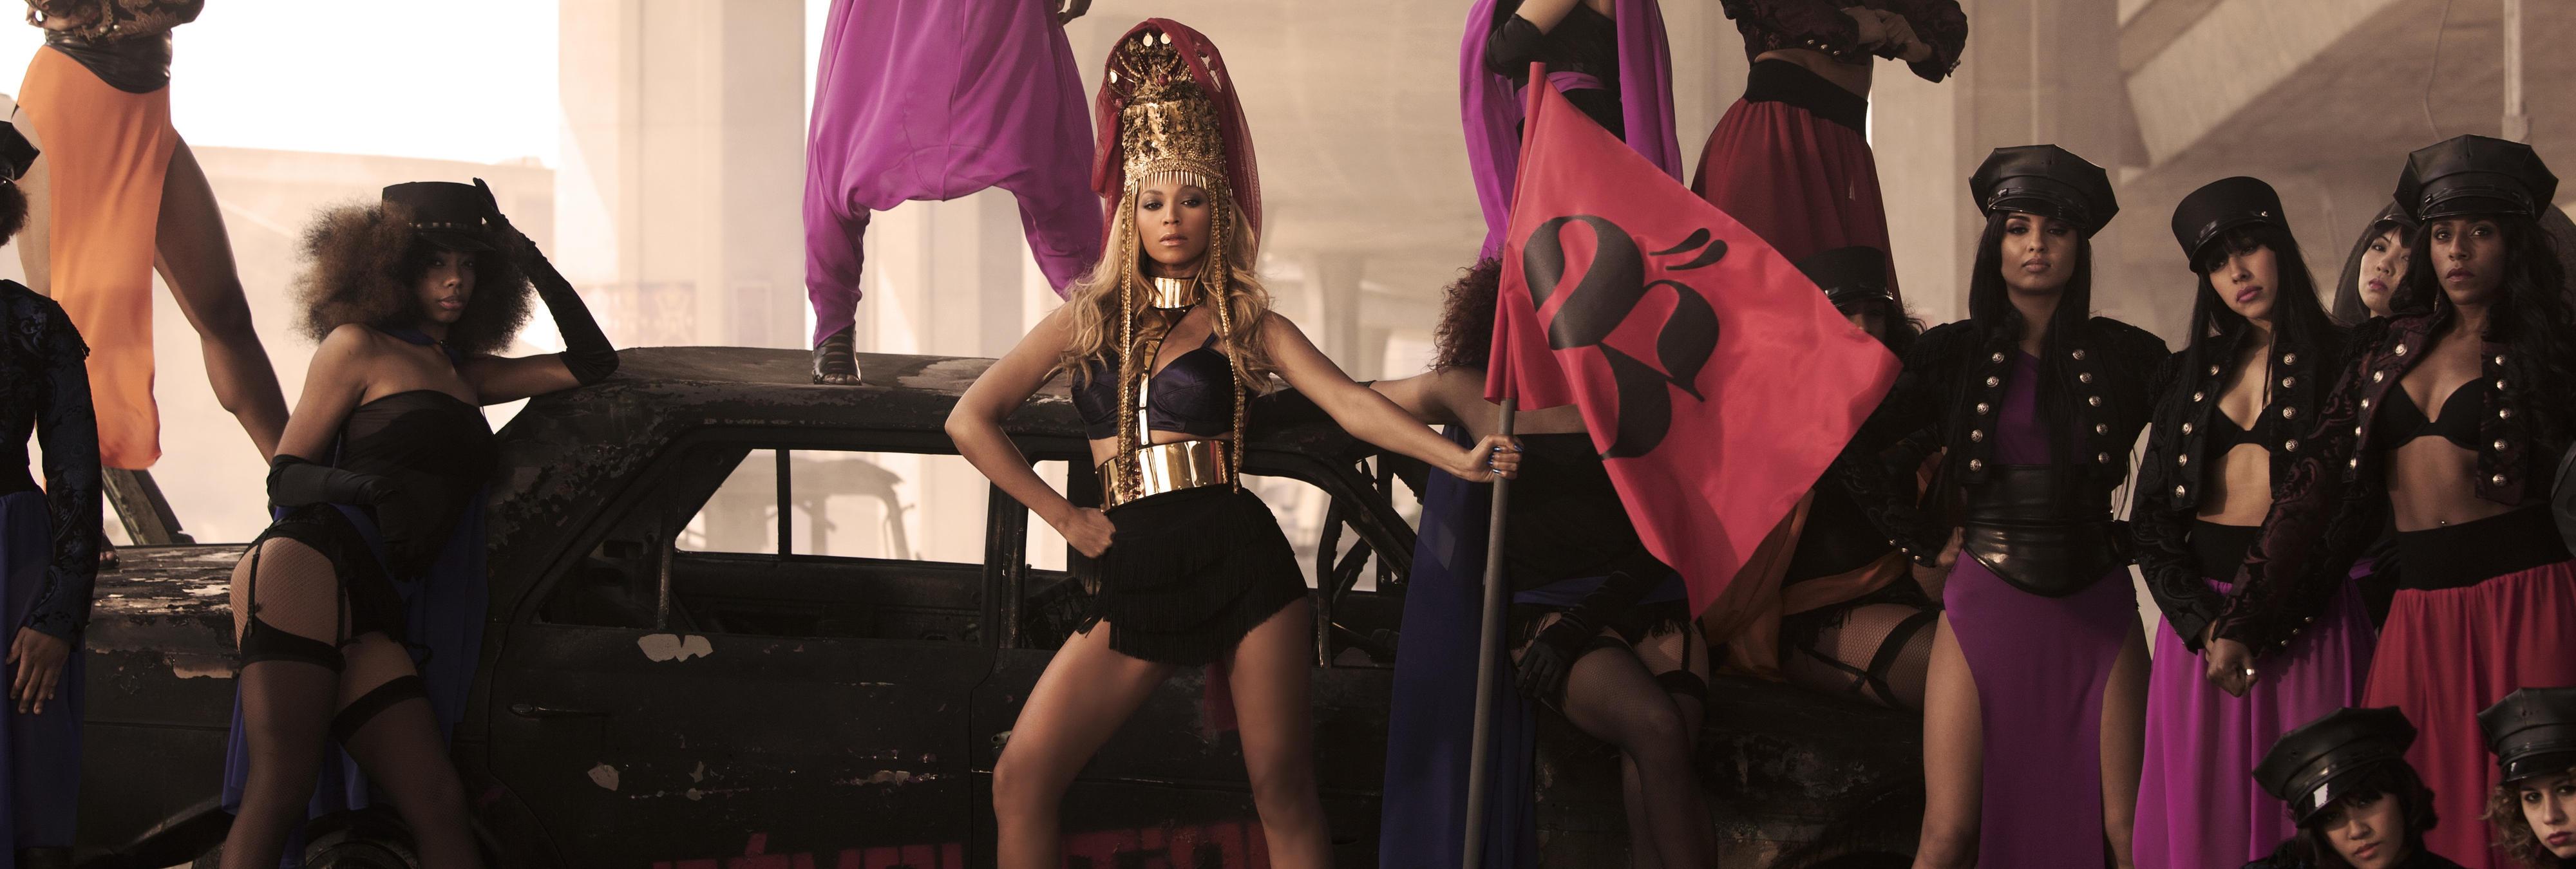 País Vasco 'veta' canciones machistas como 'Despacito' en sus fiestas